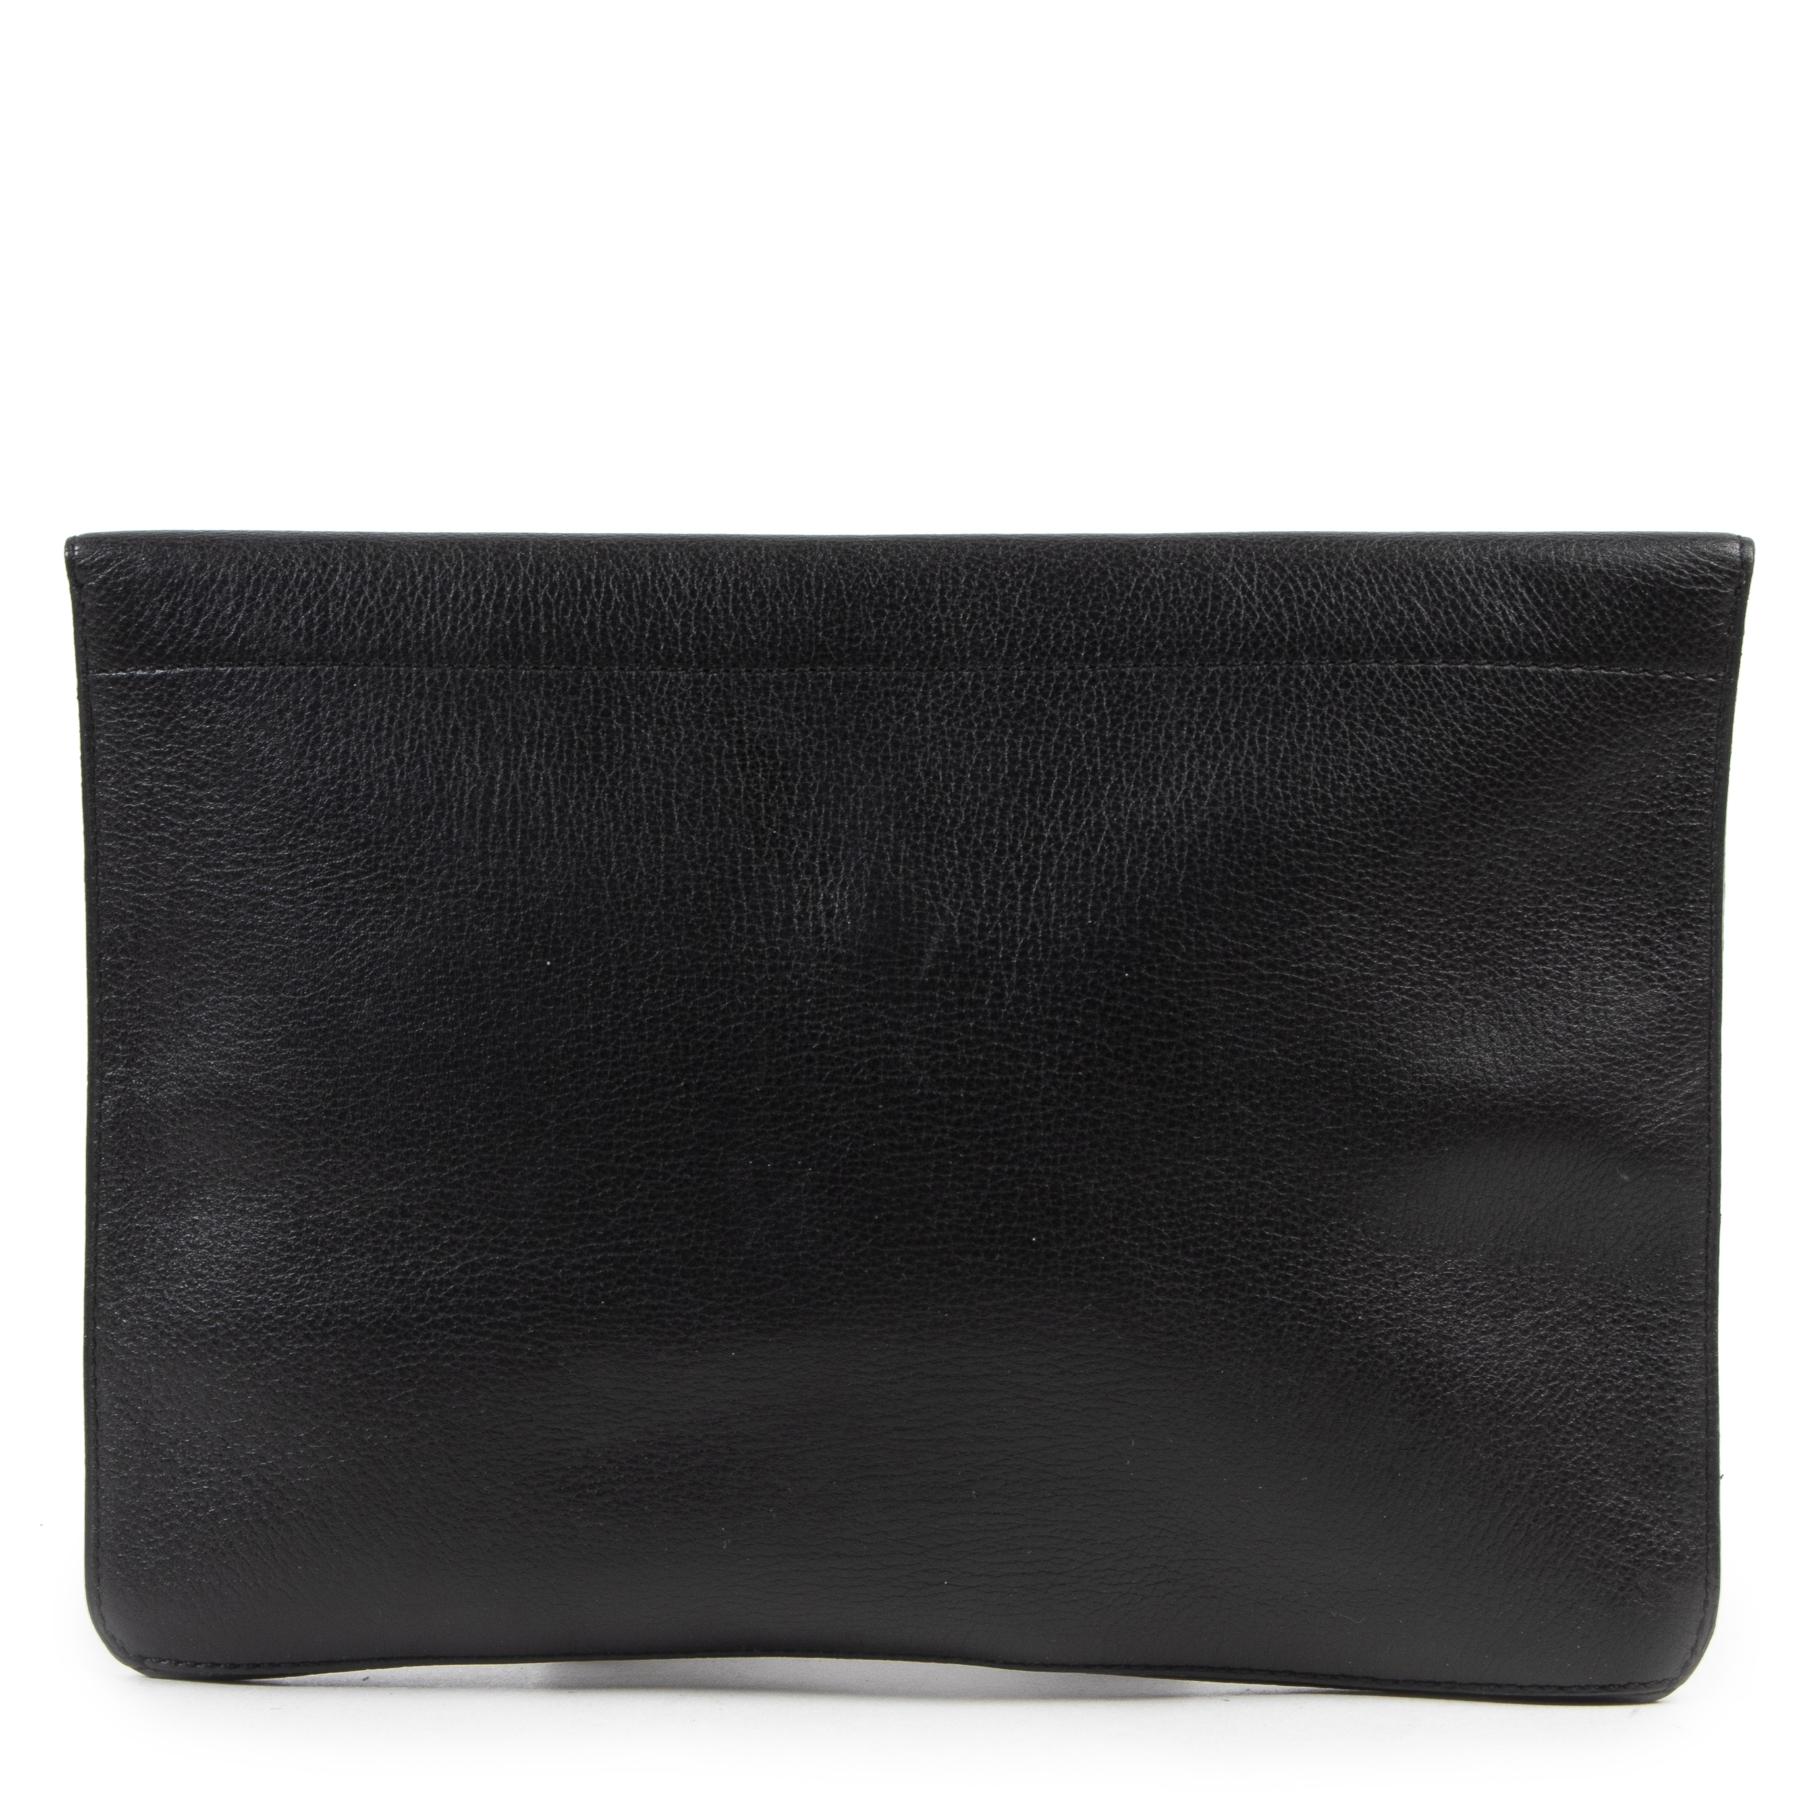 shop safe onine Delvaux Black Enveloppe Clutch